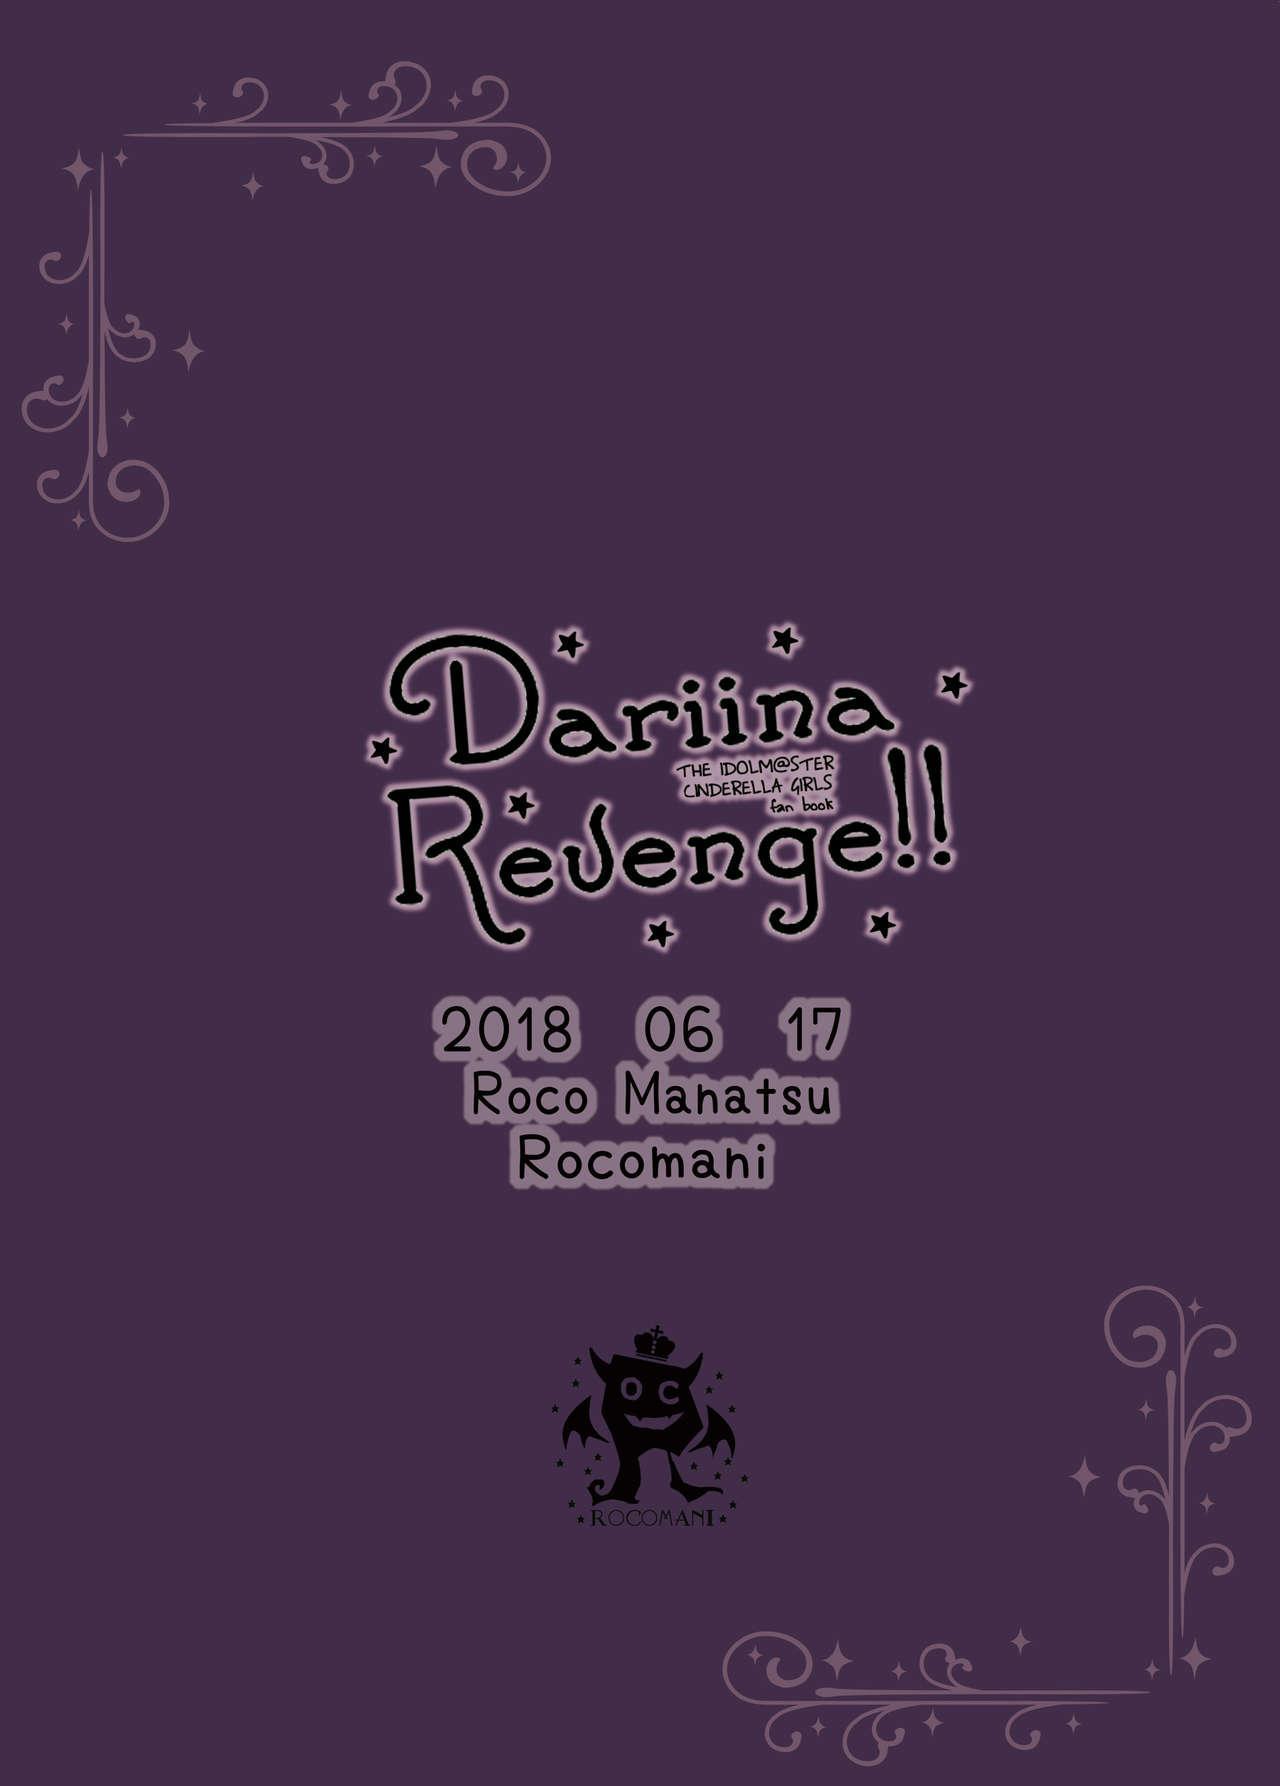 DARIINA REVENGE!! 33